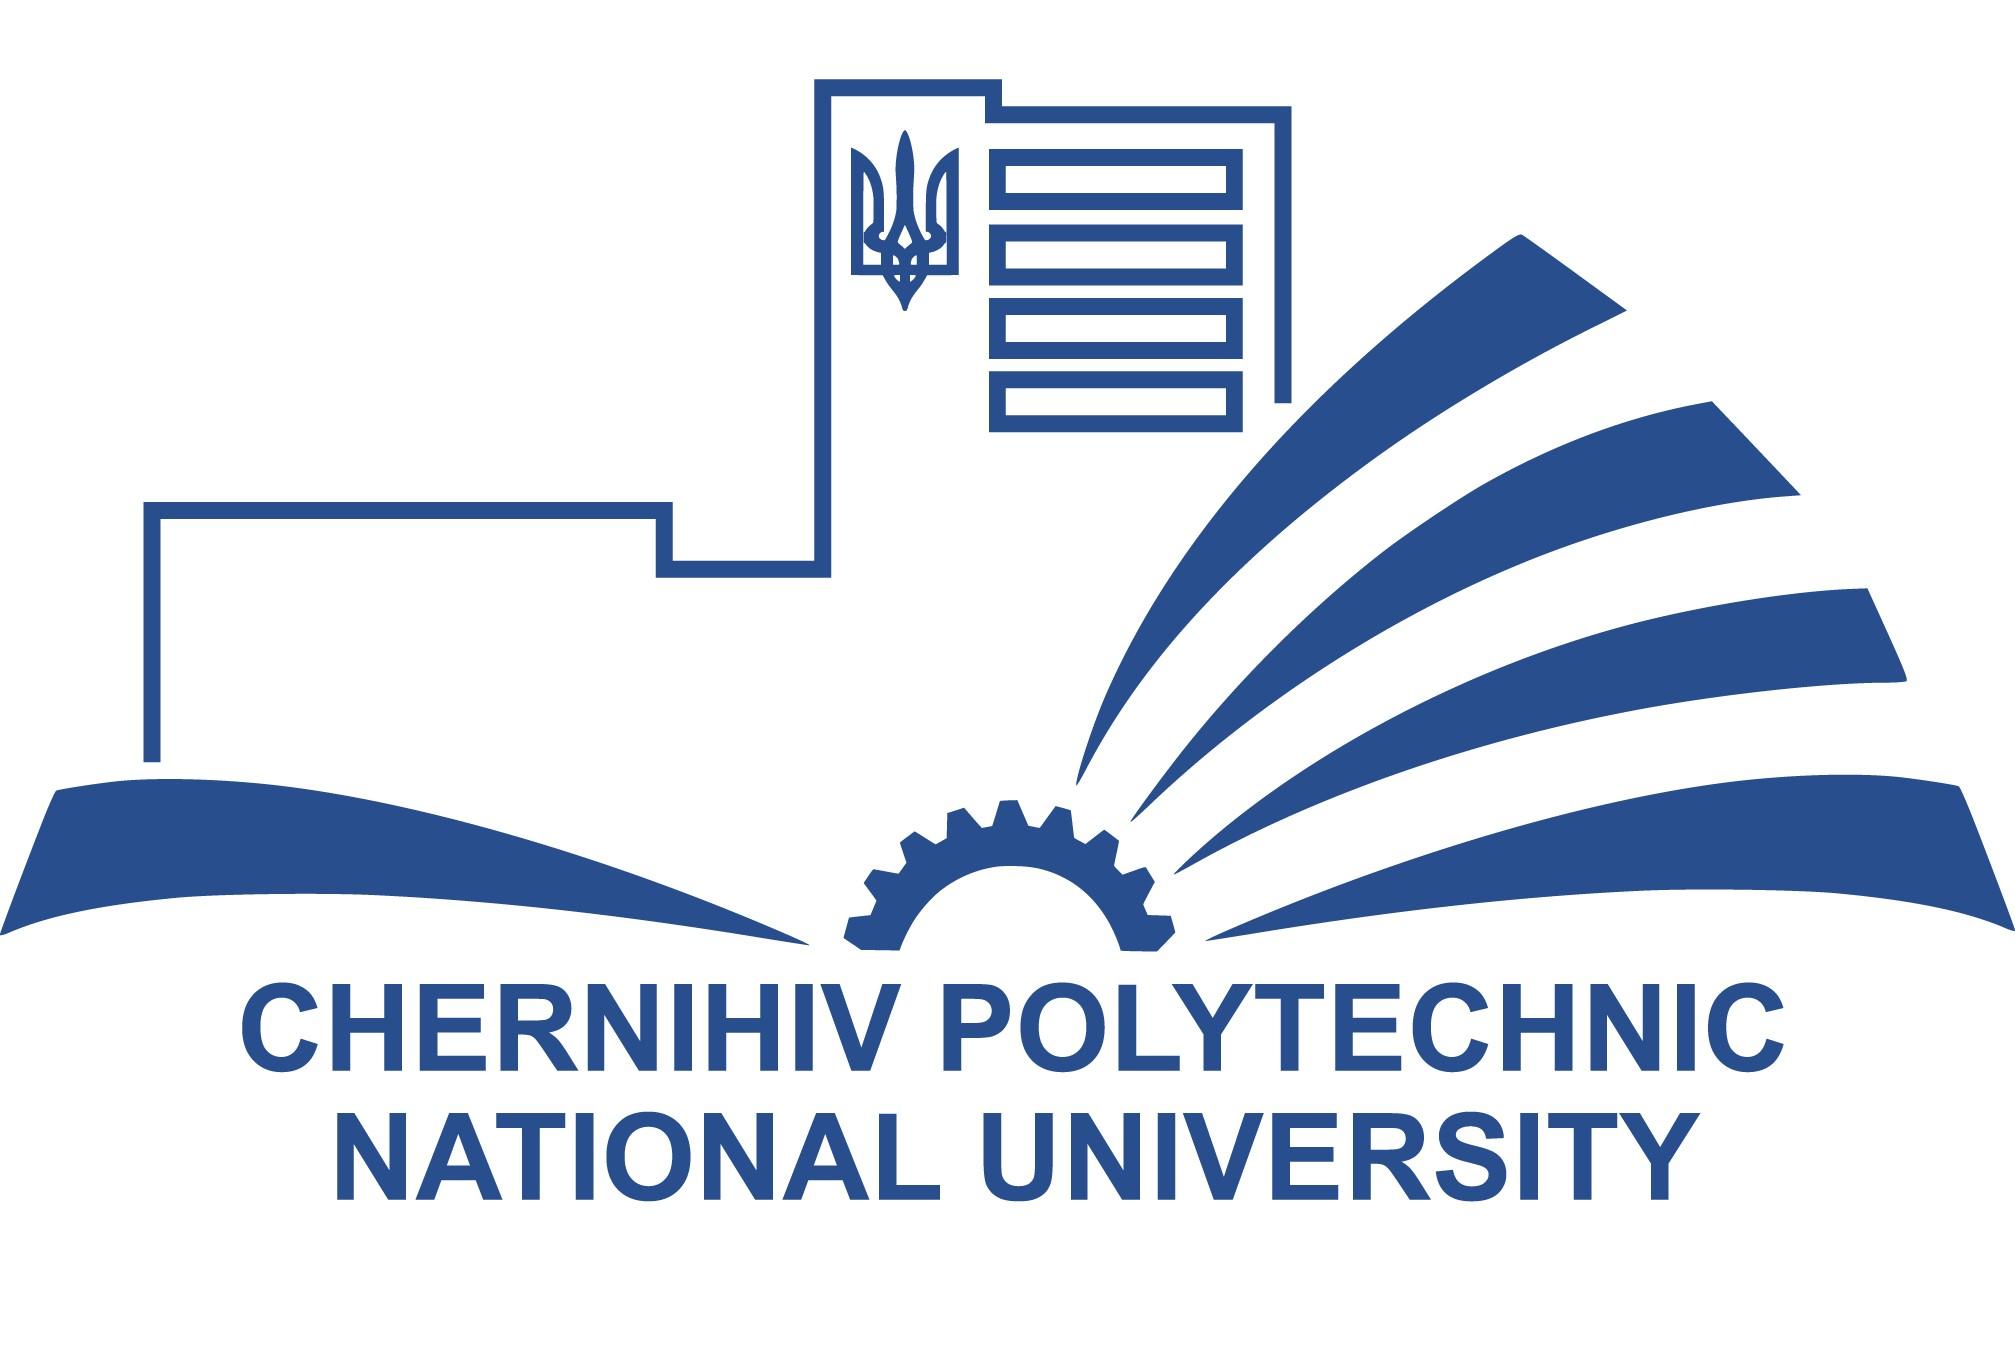 Chernihiv Polytechnic National University